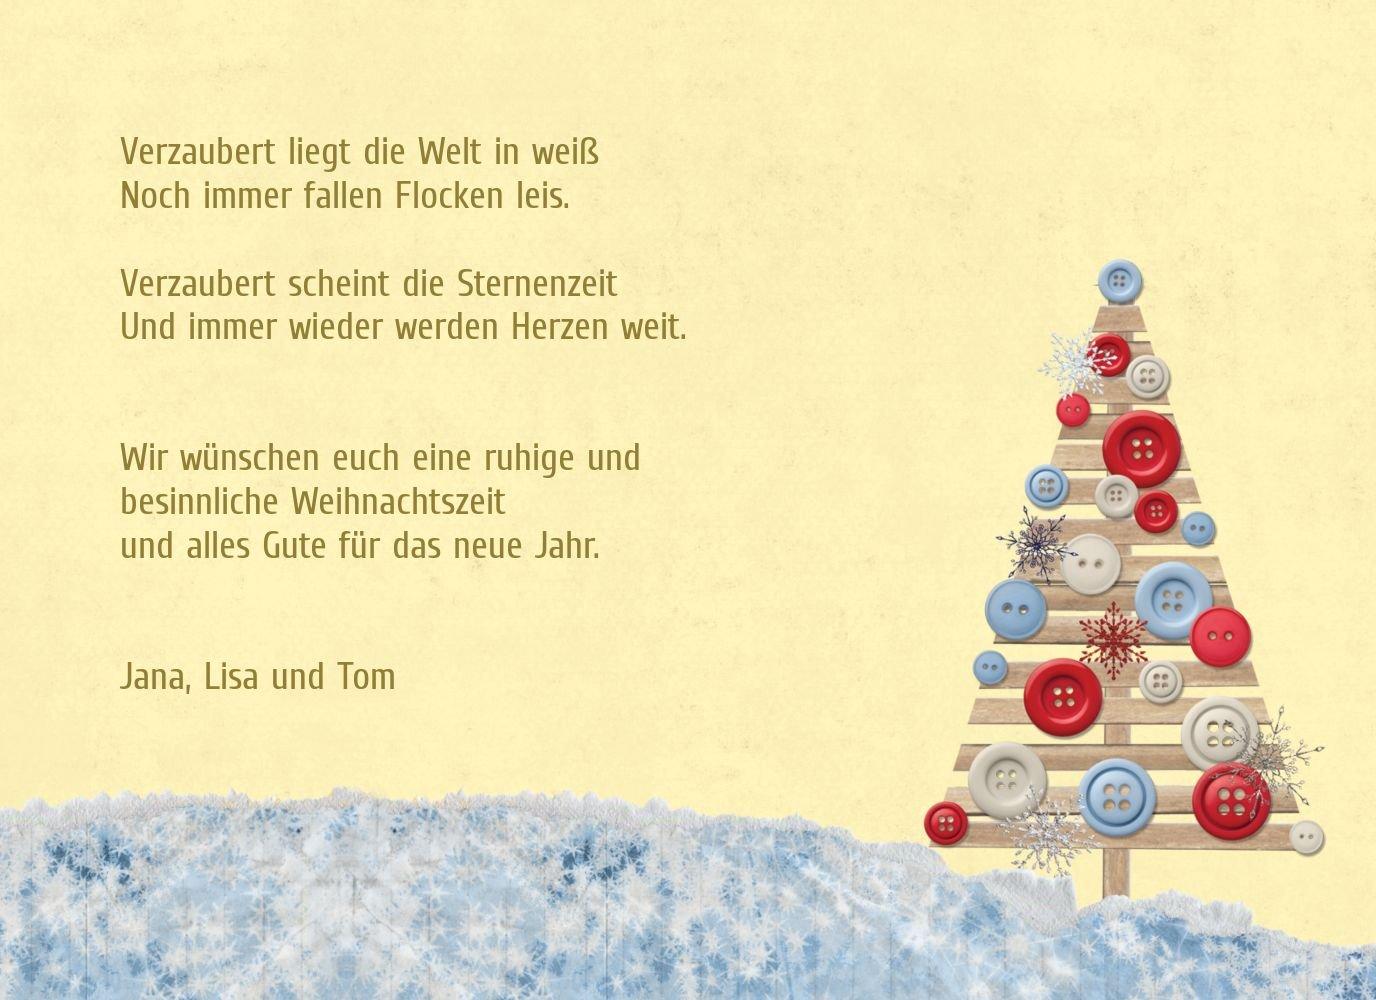 Kartenparadies Grußkarte Weihnachten Foto Grußkarte Schlittenfahrt, hochwertige hochwertige hochwertige Weihnachtsgrüße als Weihnachtskarte (Format  148x105 mm) Farbe  Beige B01N10DDLC   Neuheit Spielzeug    Gute Qualität    Sehen Sie die Welt aus der Pe 08e49b